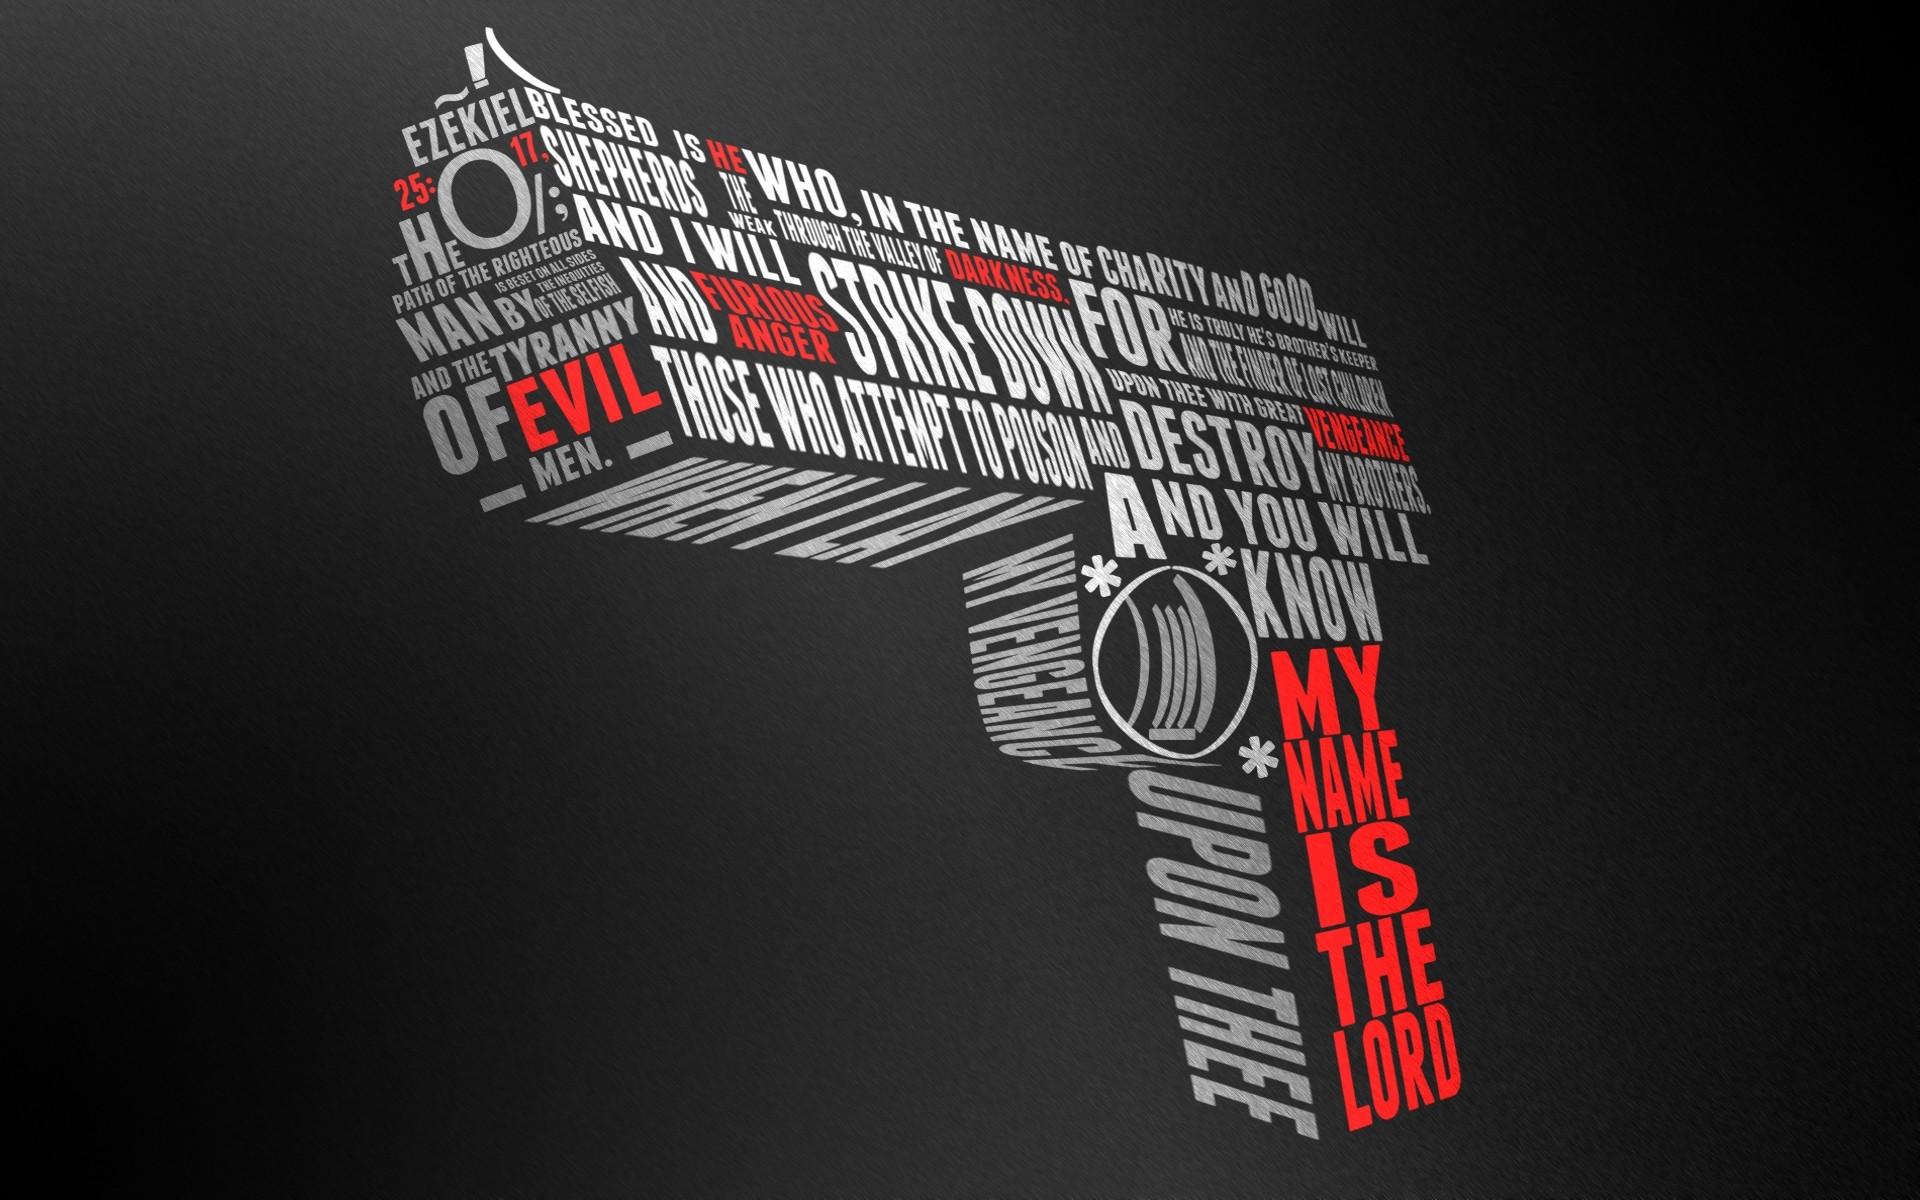 Cool Gun Drawing Youtube Ezekiel Fiction wallpapers HD free – 138965